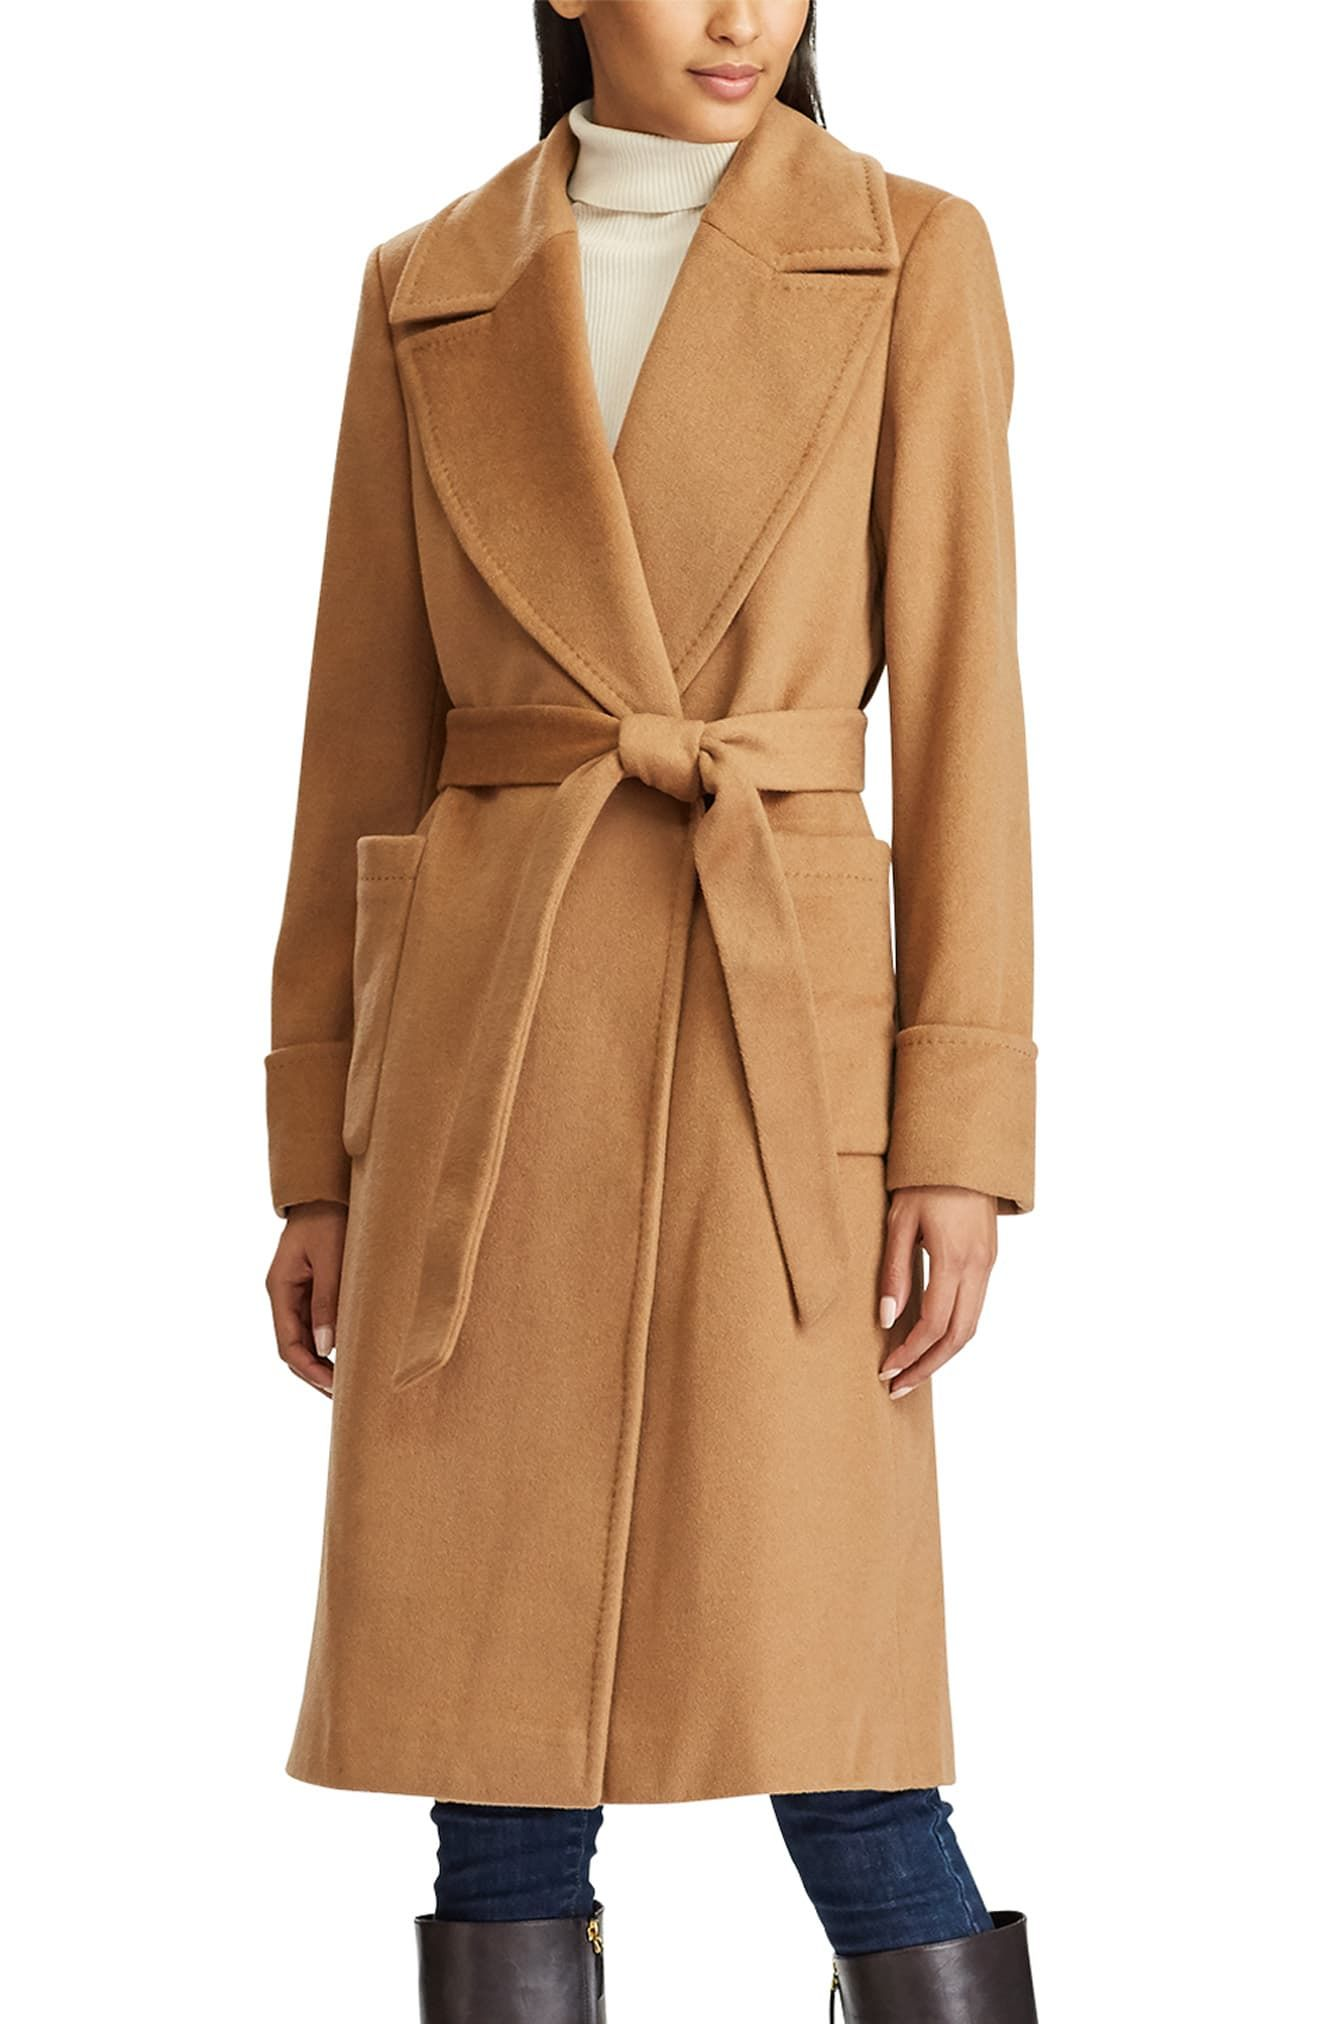 Women's Lauren Ralph Lauren Wool Blend Wrap Coat, Size 0 - Brown #ralphlaurenwomensclothing